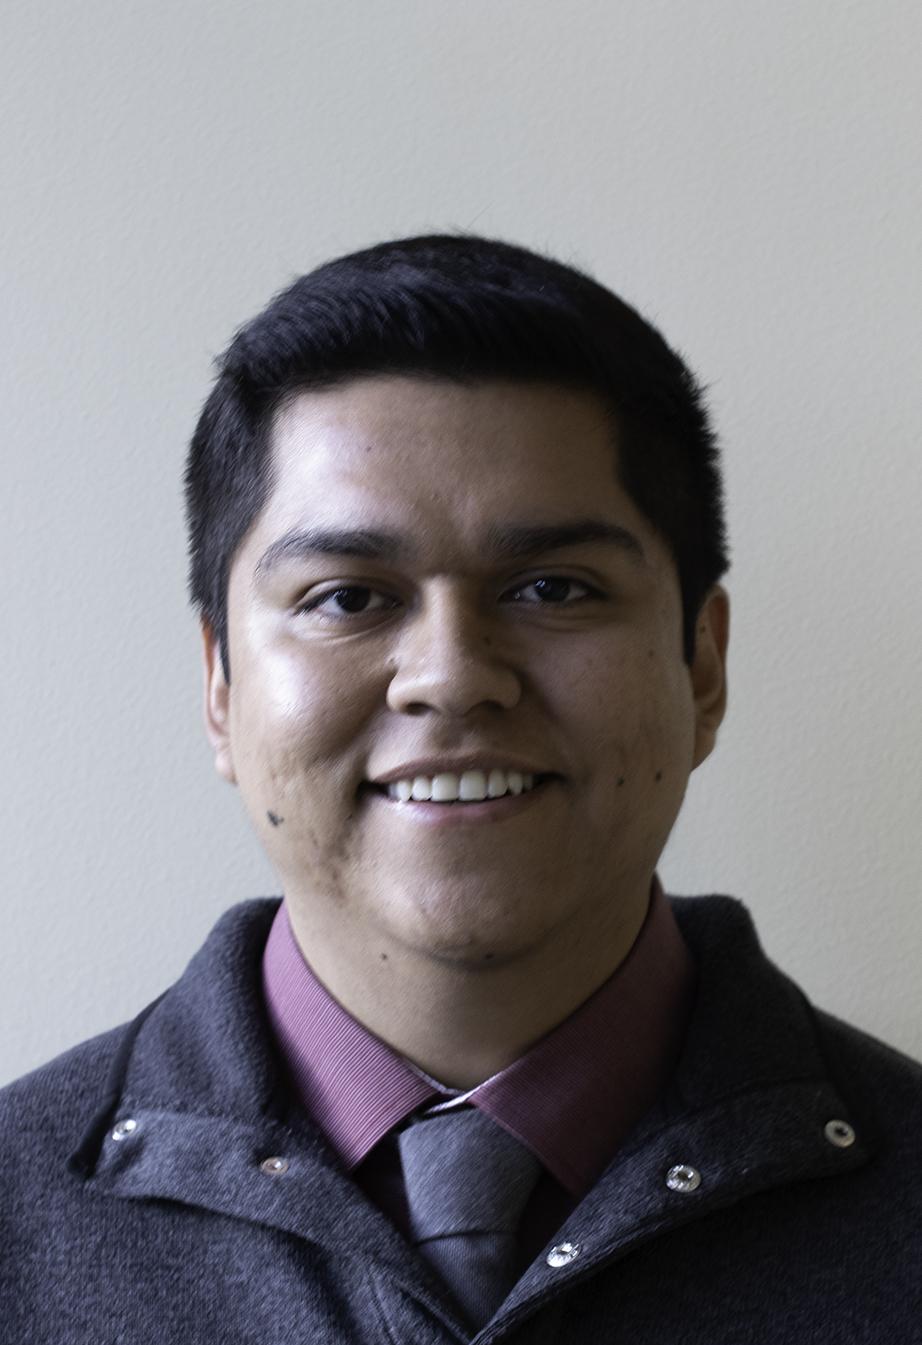 Luis Perez Medina